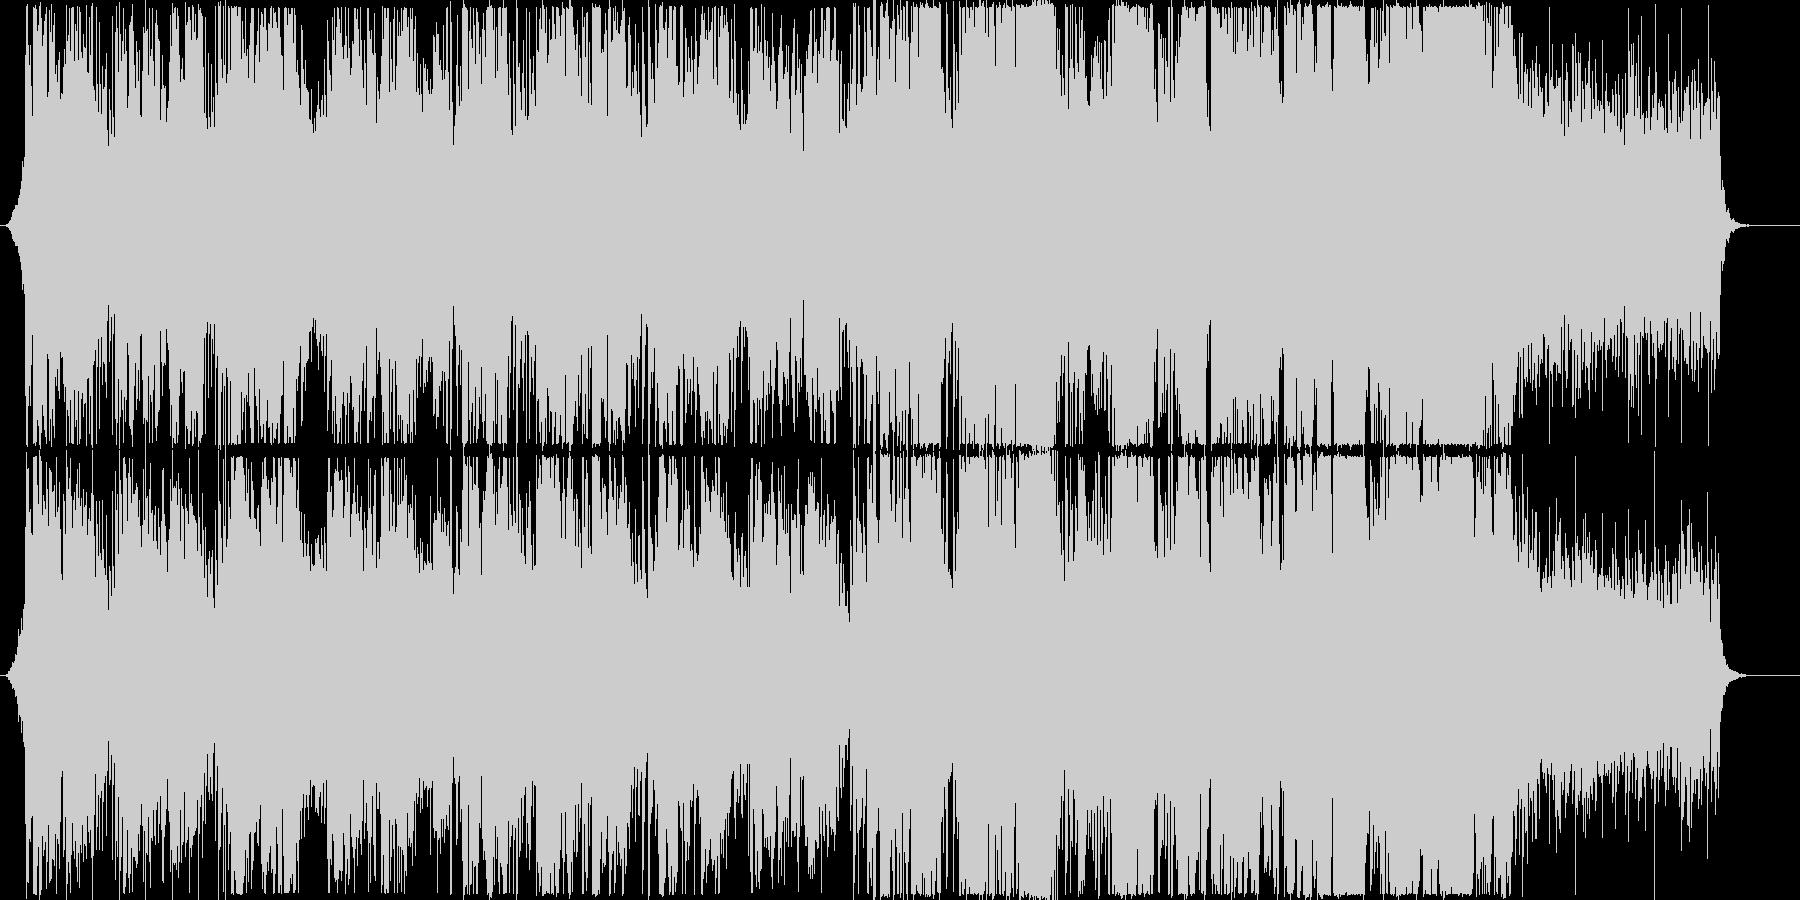 架空言語を歌うエレクトロニック系BGMの未再生の波形